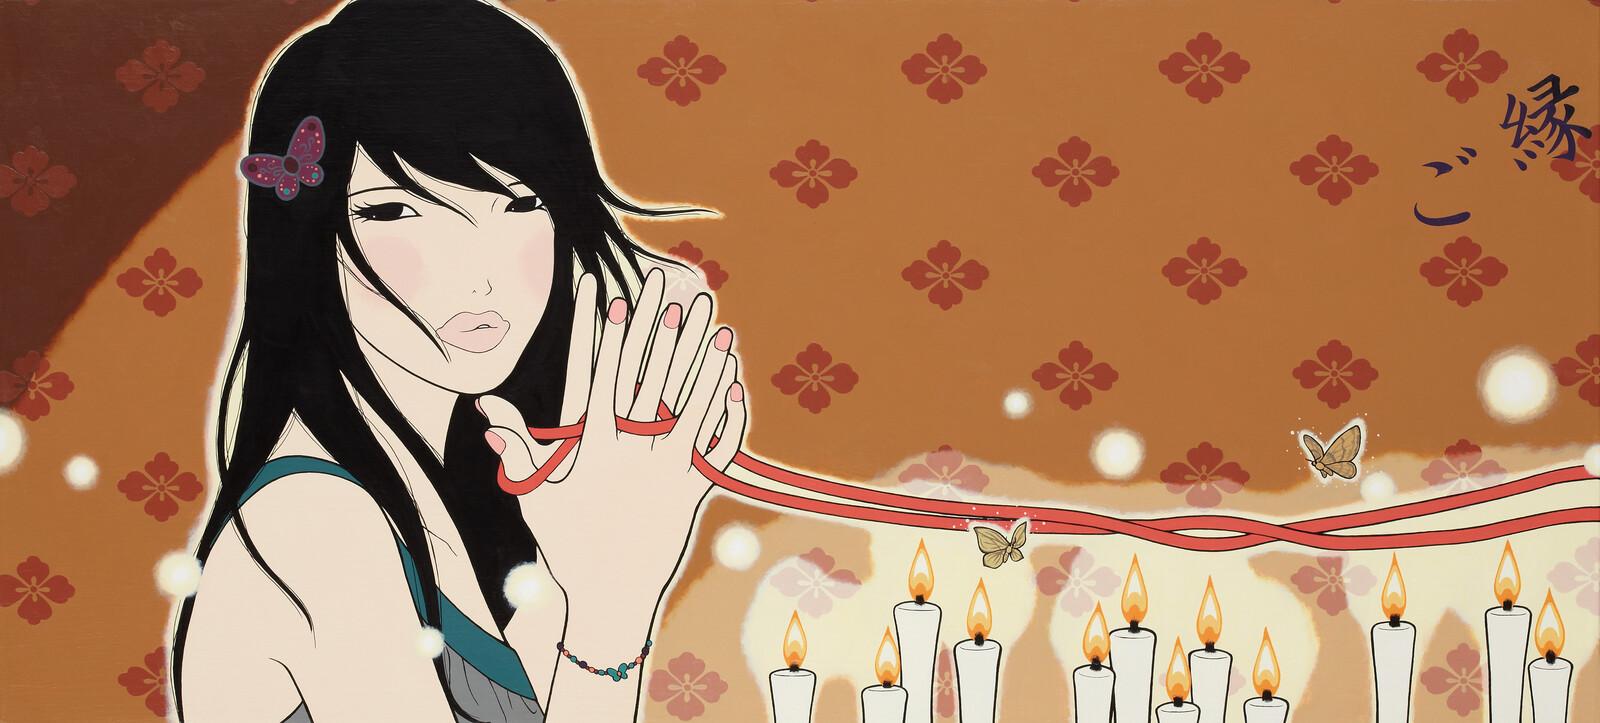 Goen (Fate) - Yumiko Kayukawa